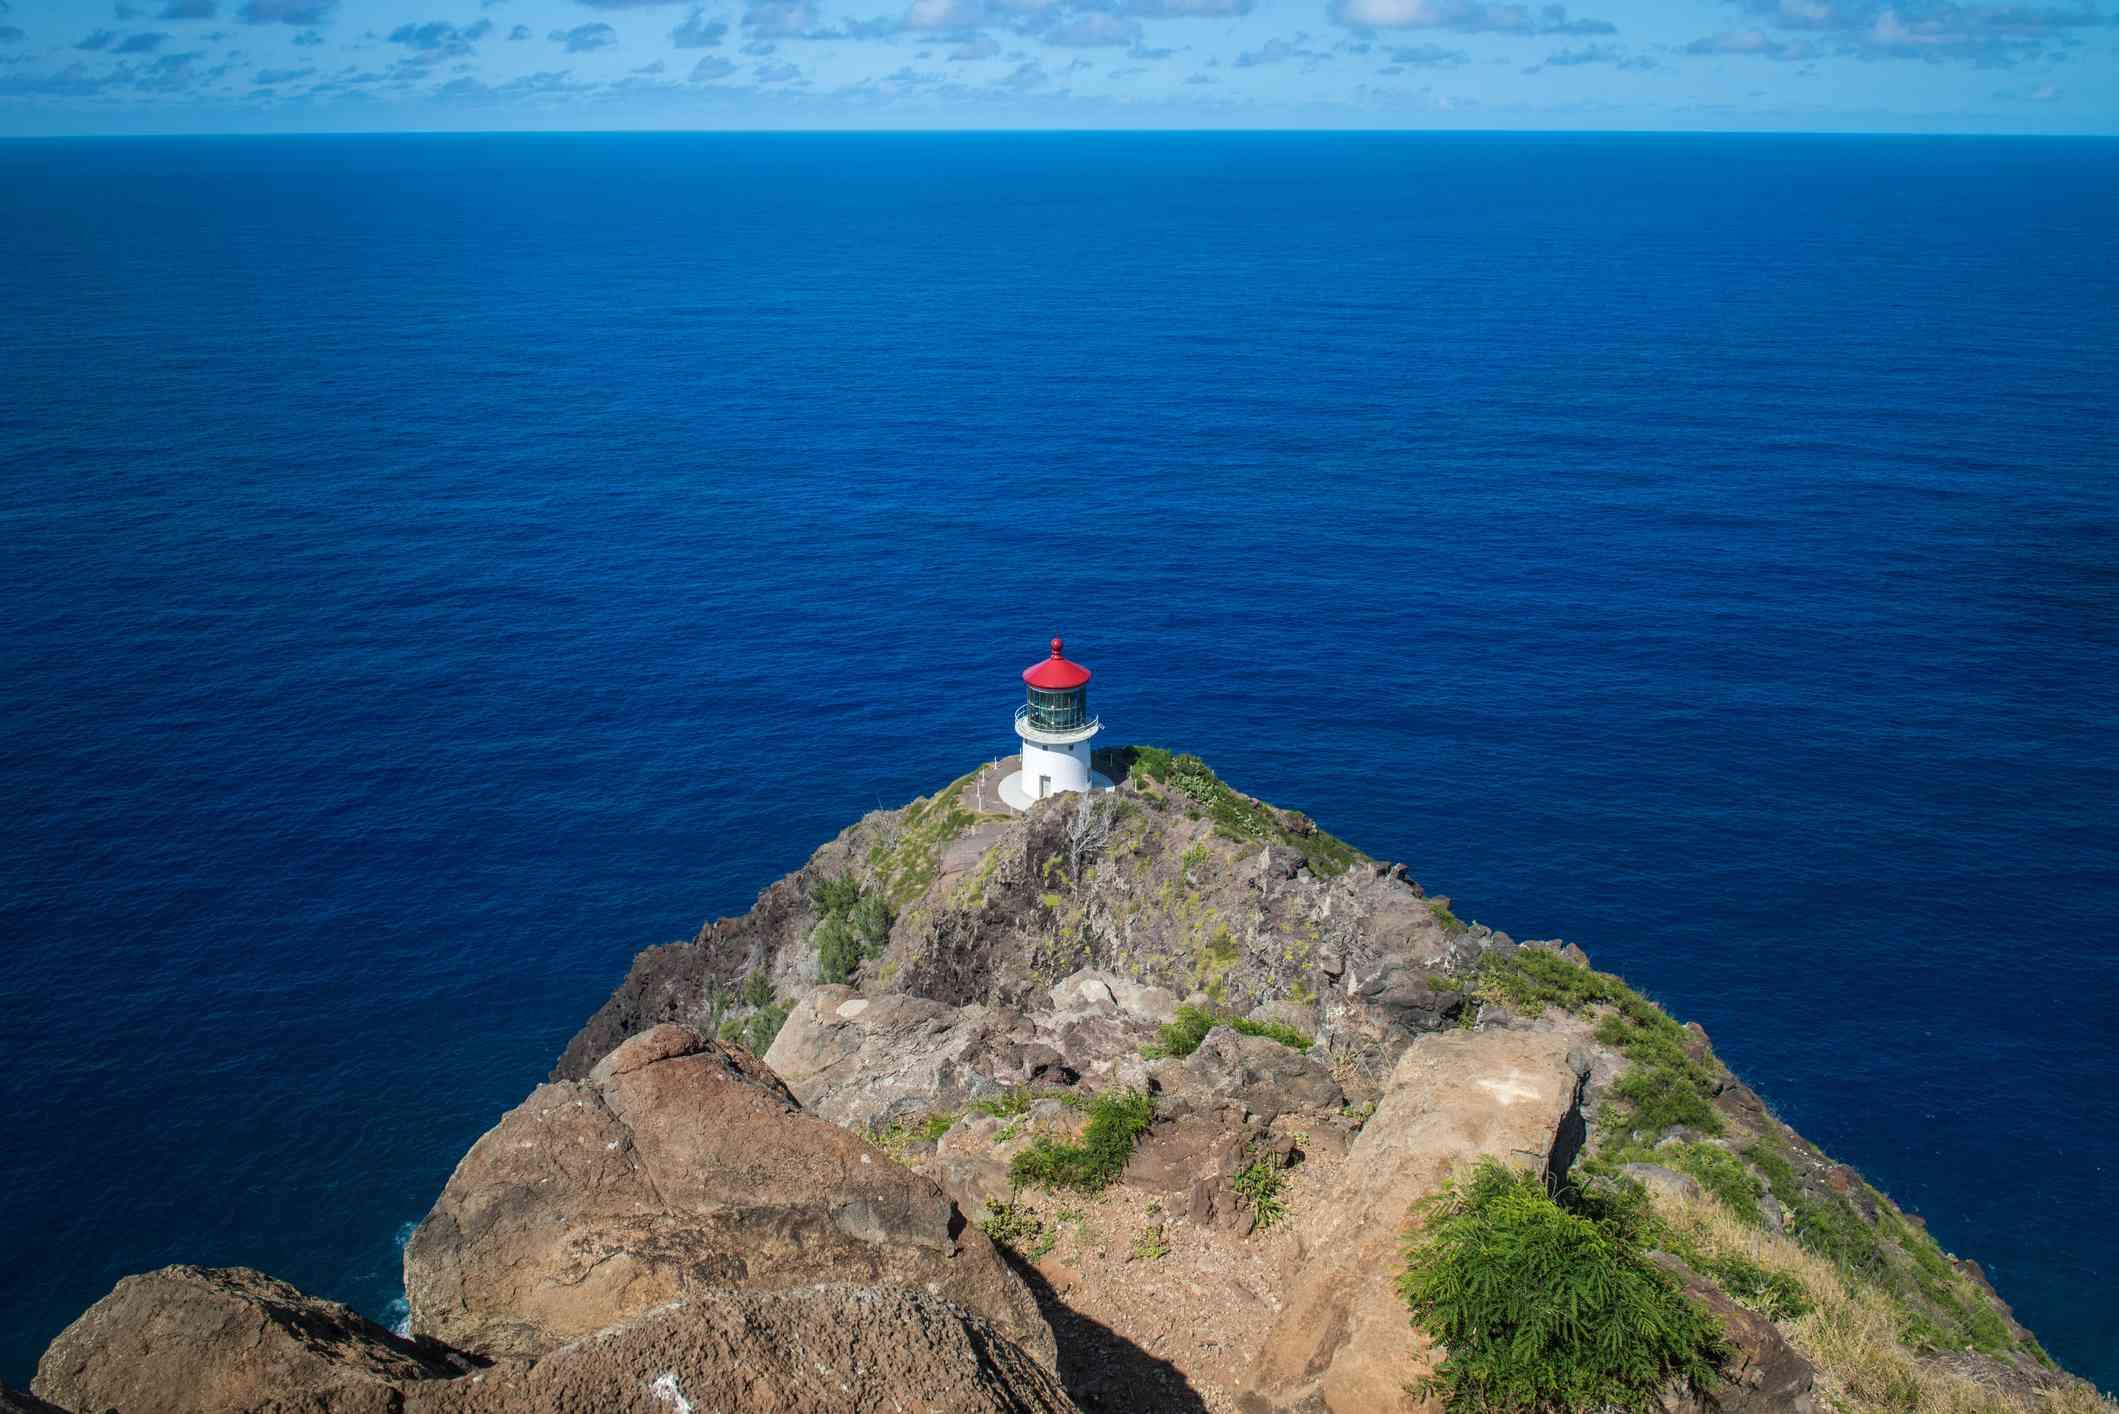 Makapuu Lighthouse off the trail on Oahu, Hawaii